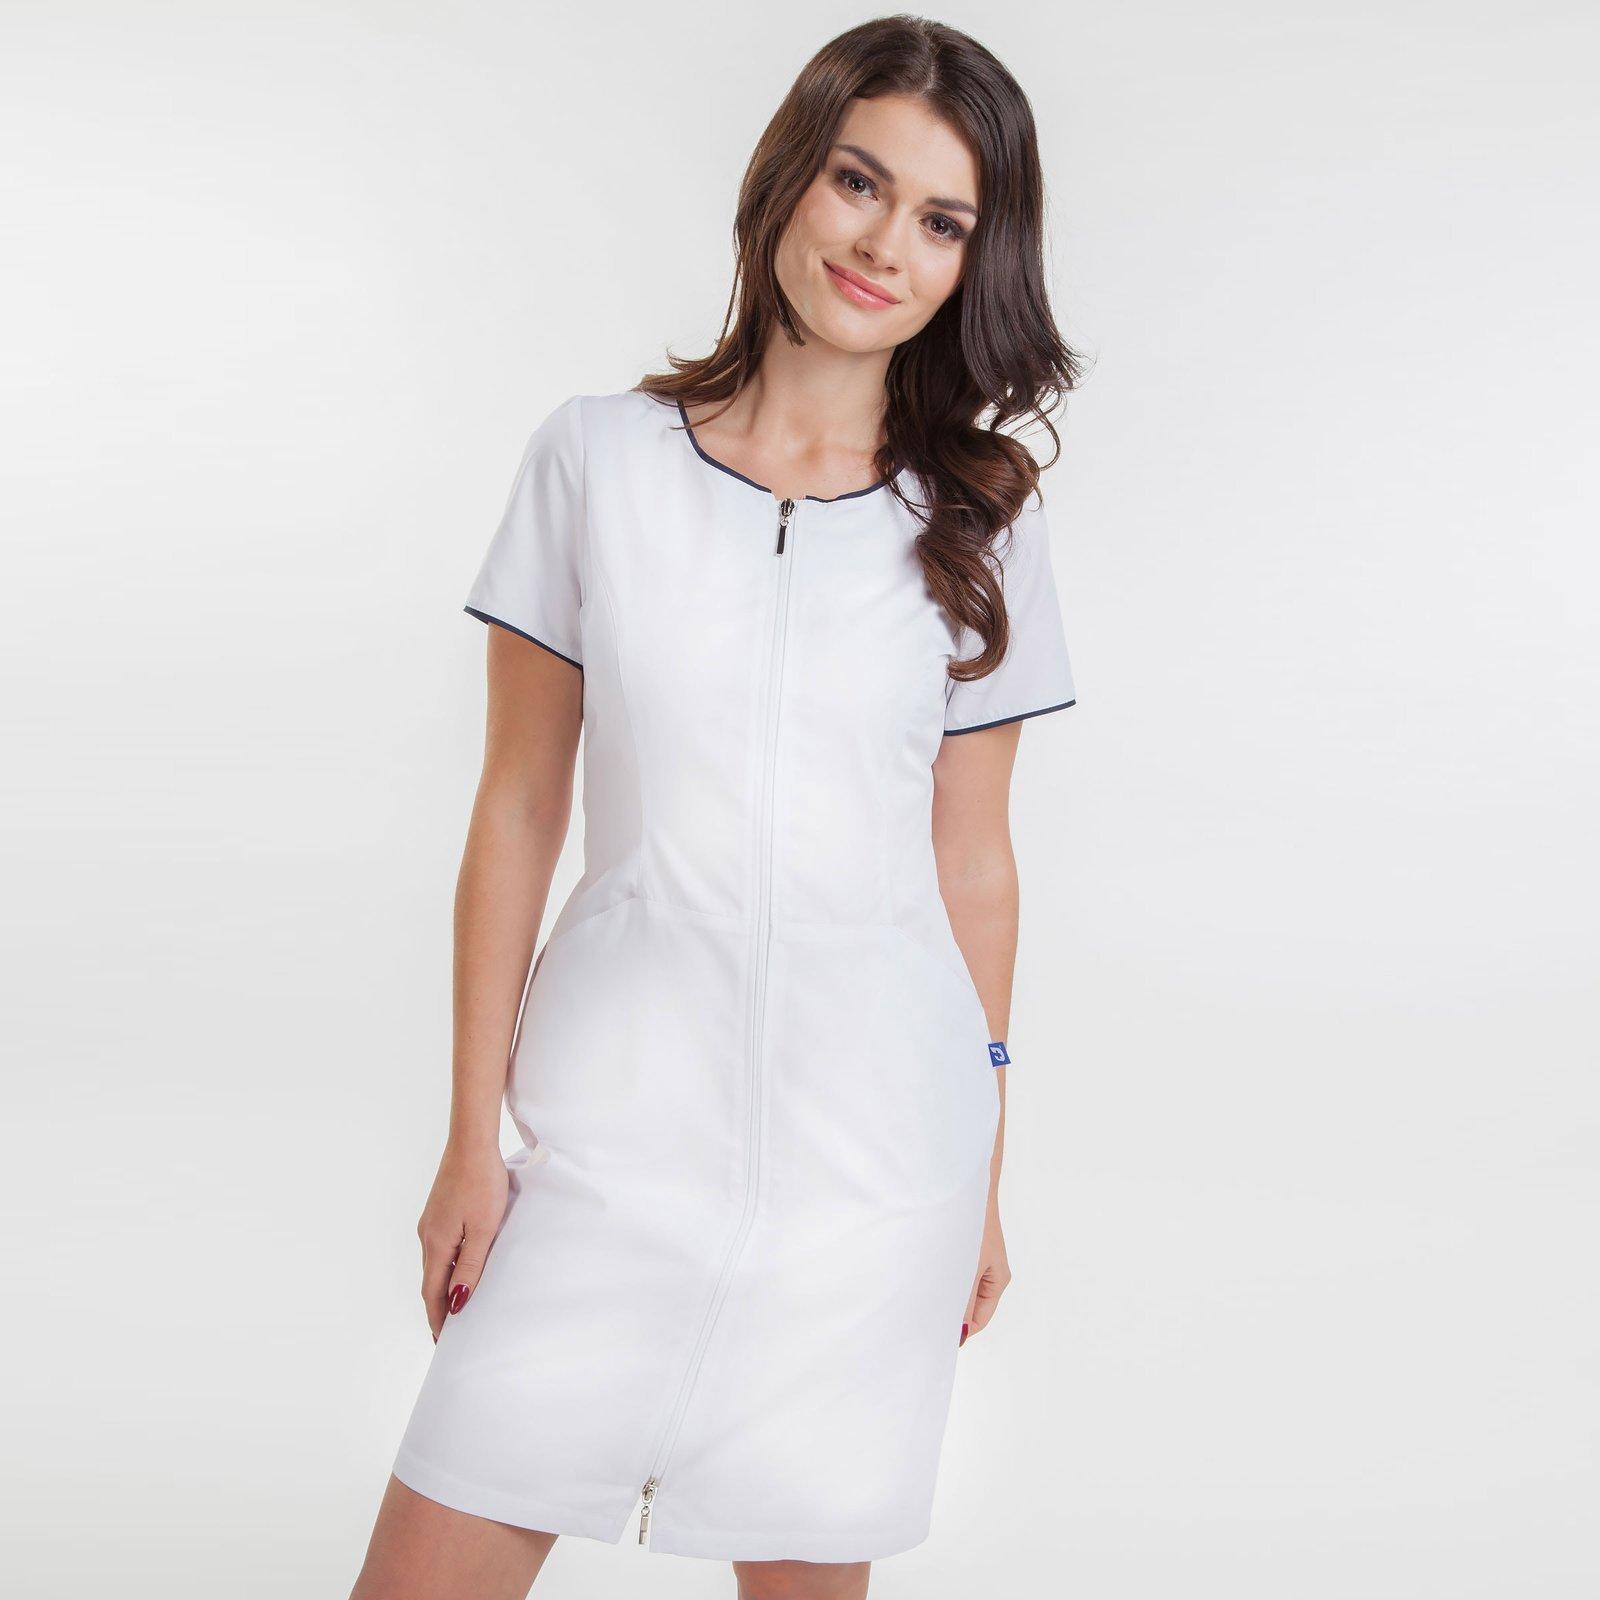 Medizines Kleid Uniformix, weiss Besatz tiefblau. UN2030 ...